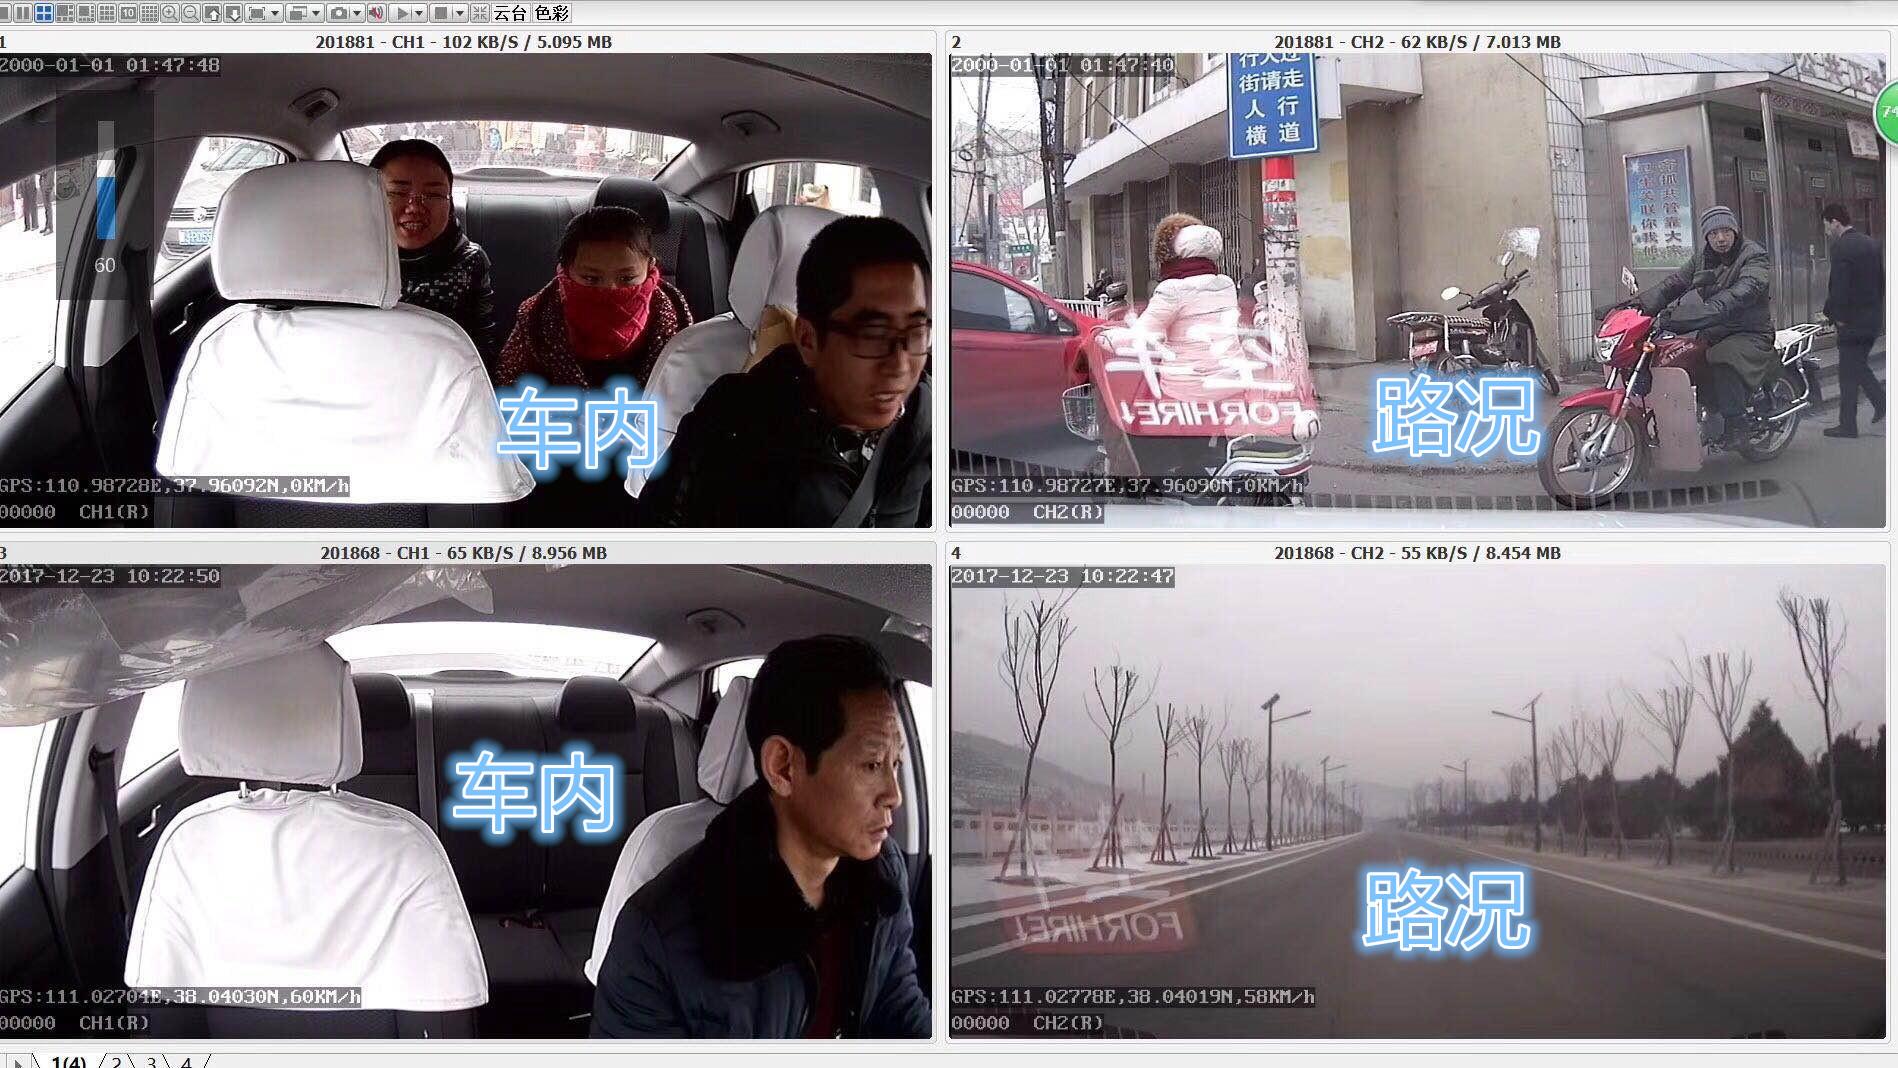 双目一体化车载红外摄像机|双路一体摄像头在出租车上应用效果